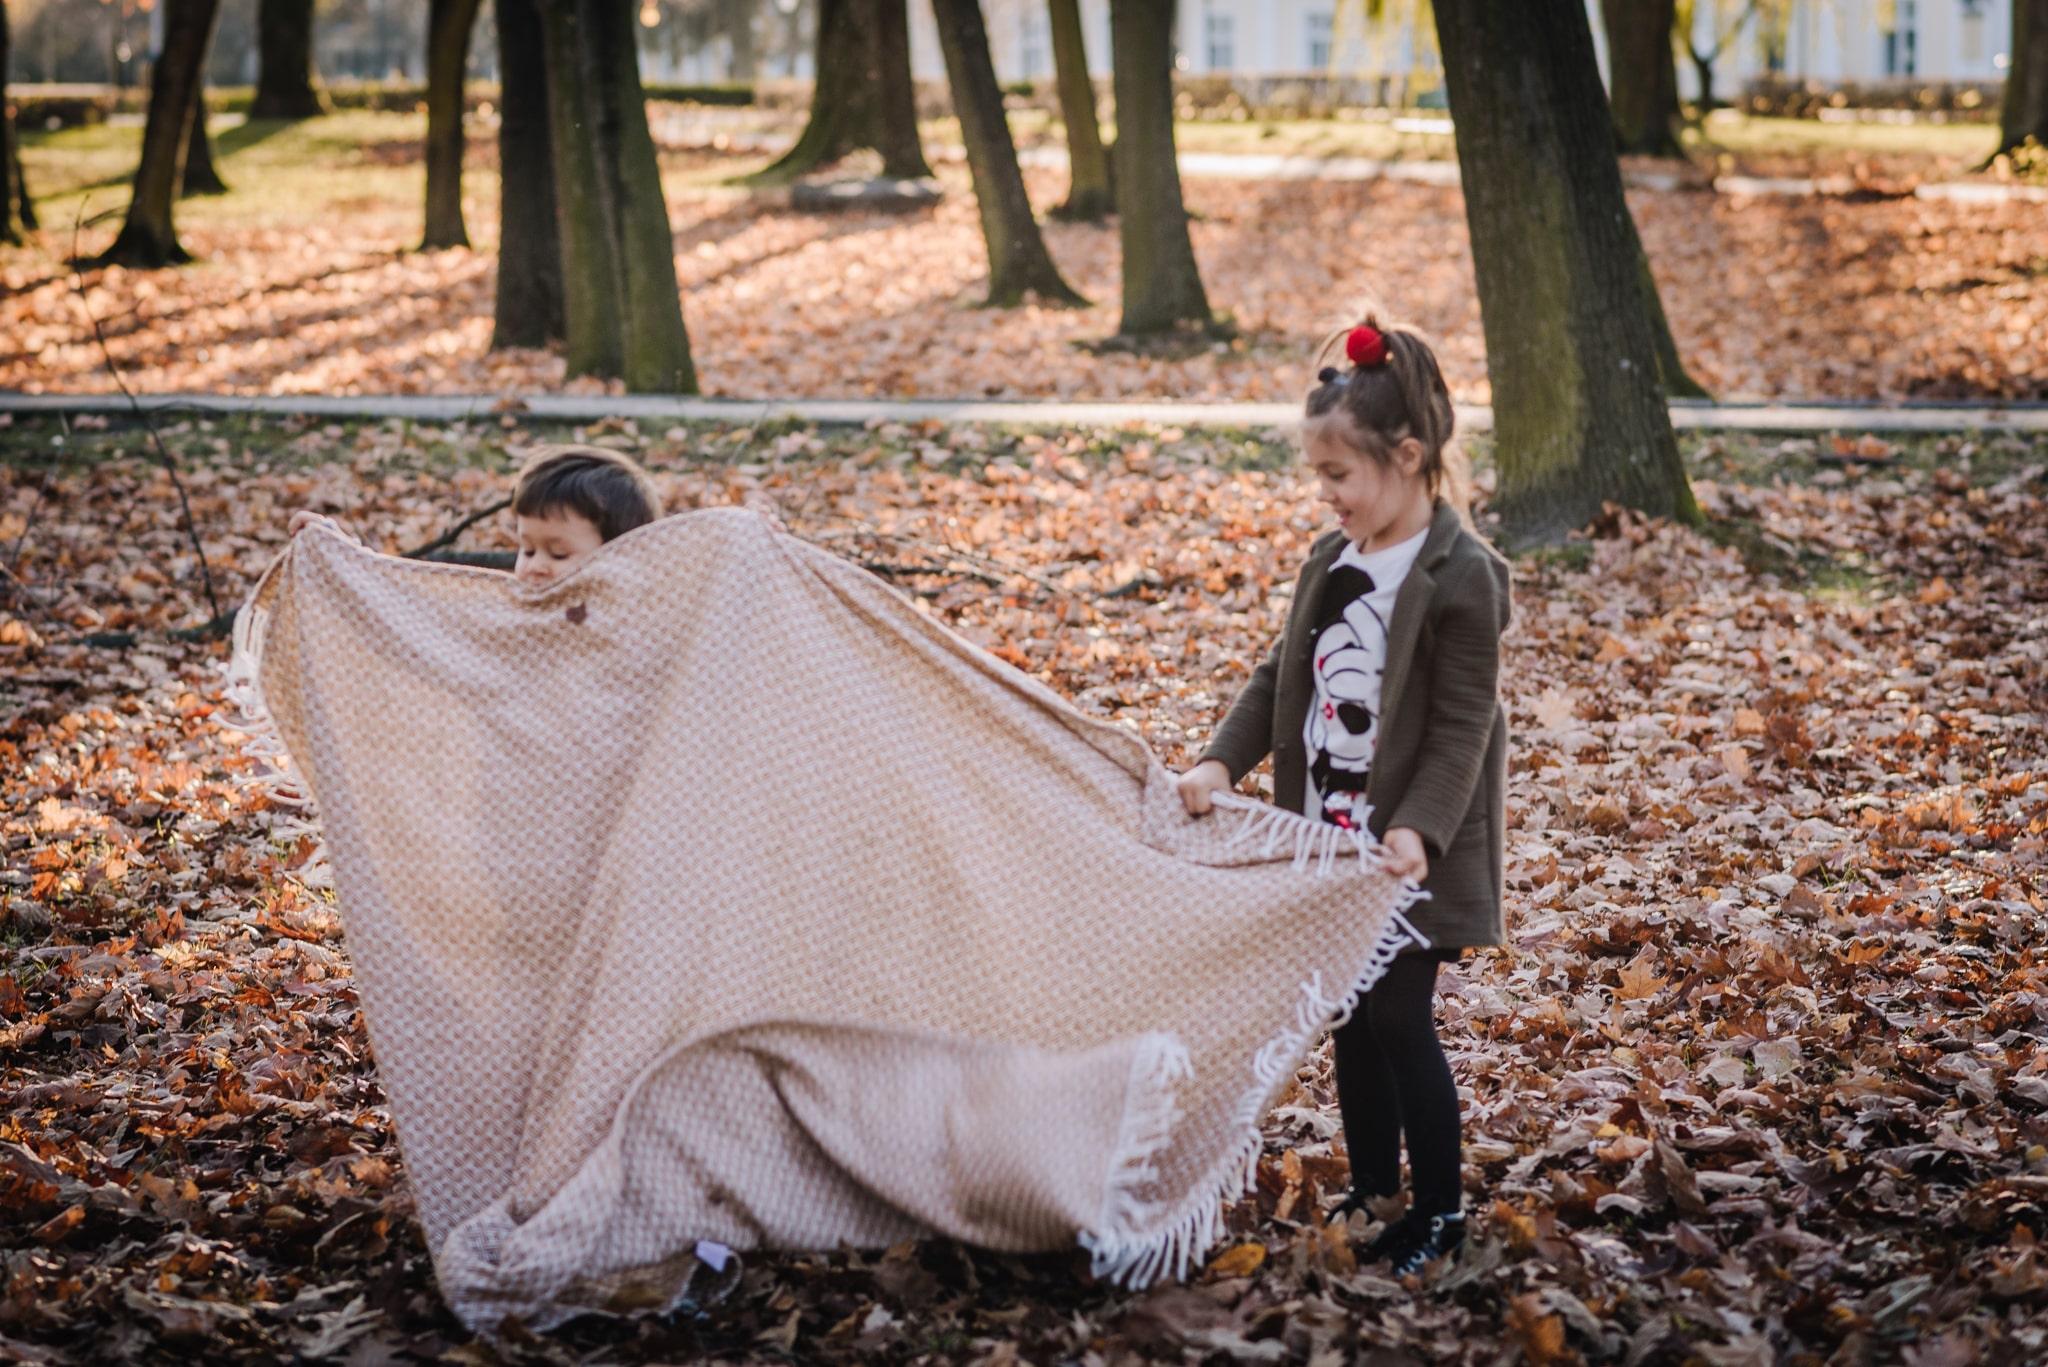 dzieci rozkładają koc w parku